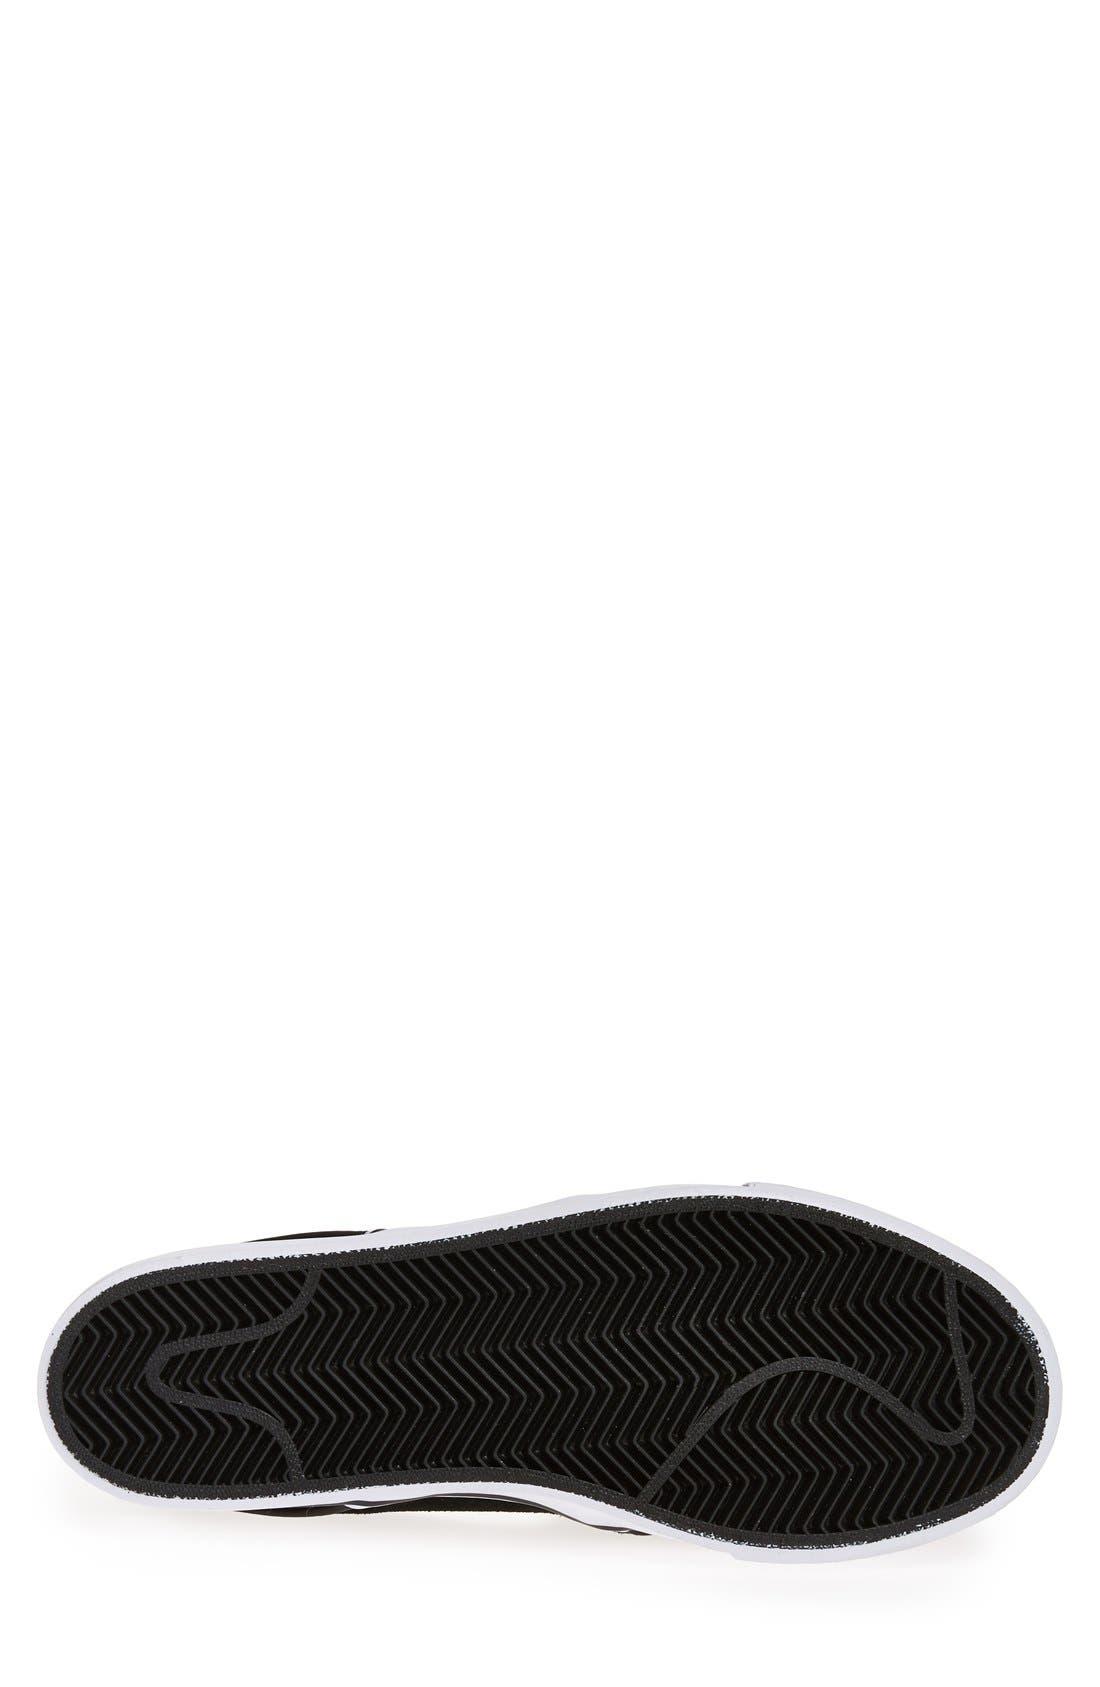 Alternate Image 4  - Nike 'Zoom - Stefan Janoski Premium SE SB' Skate Shoe (Men)